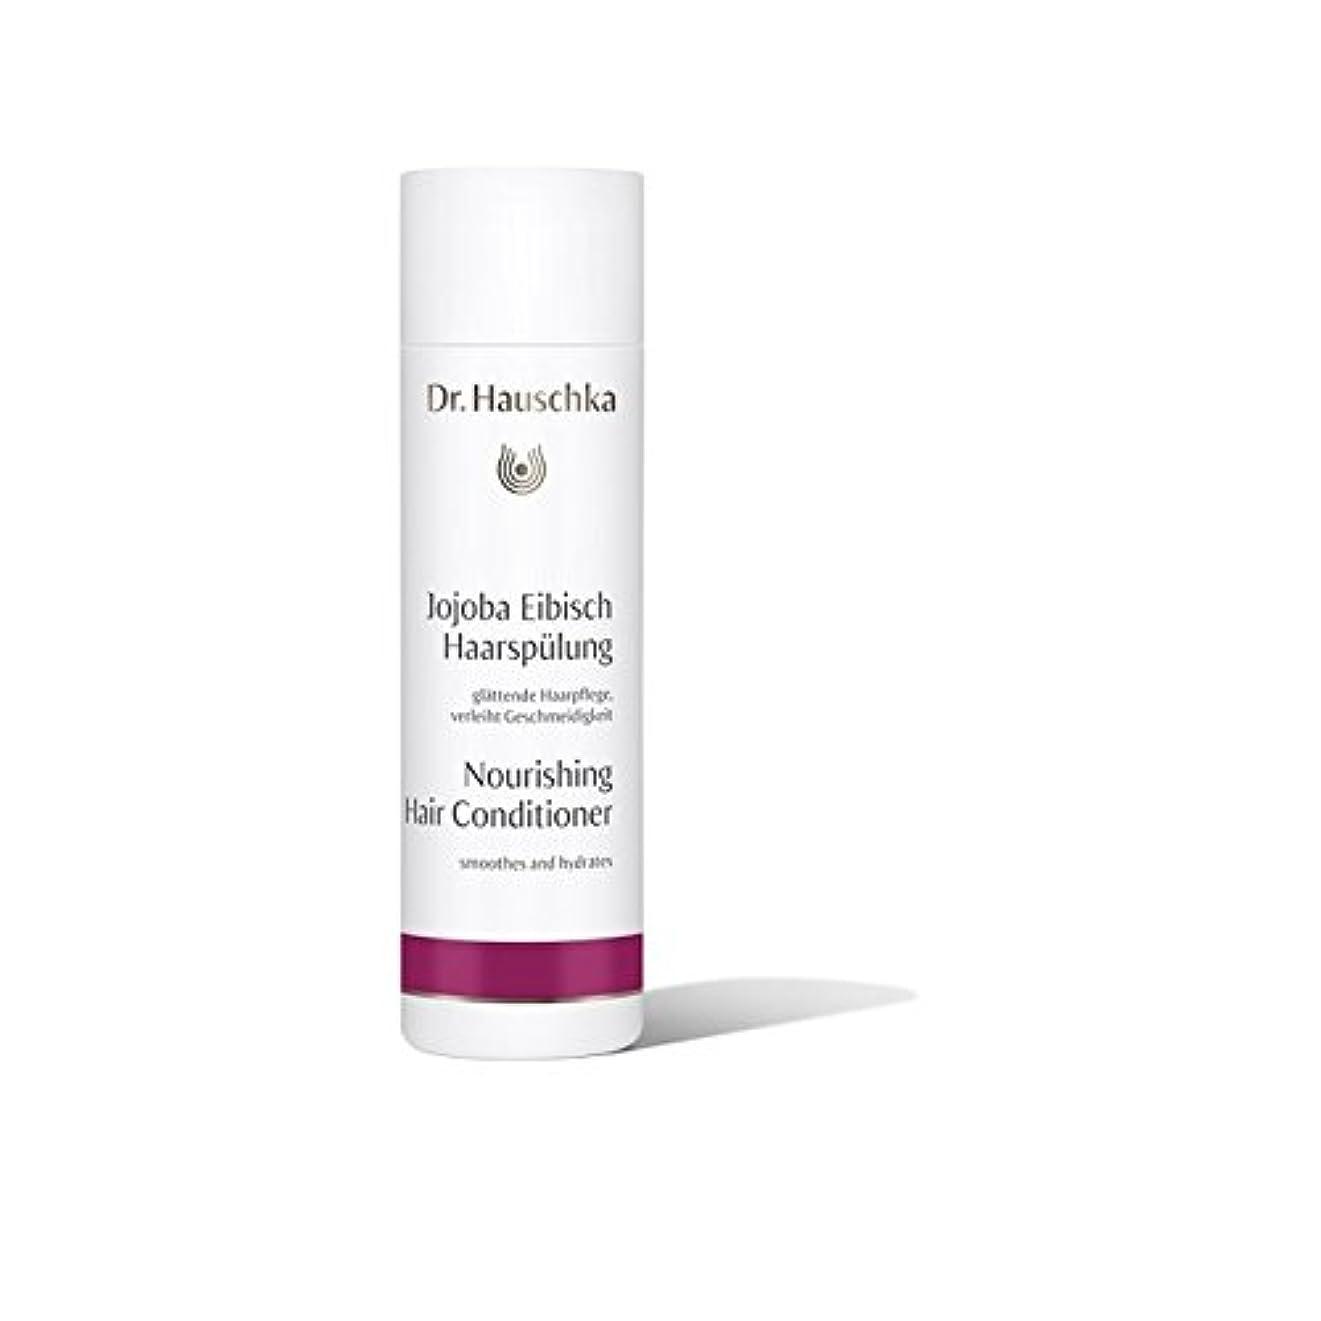 ウィザード草怒ってDr. Hauschka Nourishing Hair Conditioner (200ml) - ハウシュカ栄養ヘアコンディショナー(200ミリリットル) [並行輸入品]